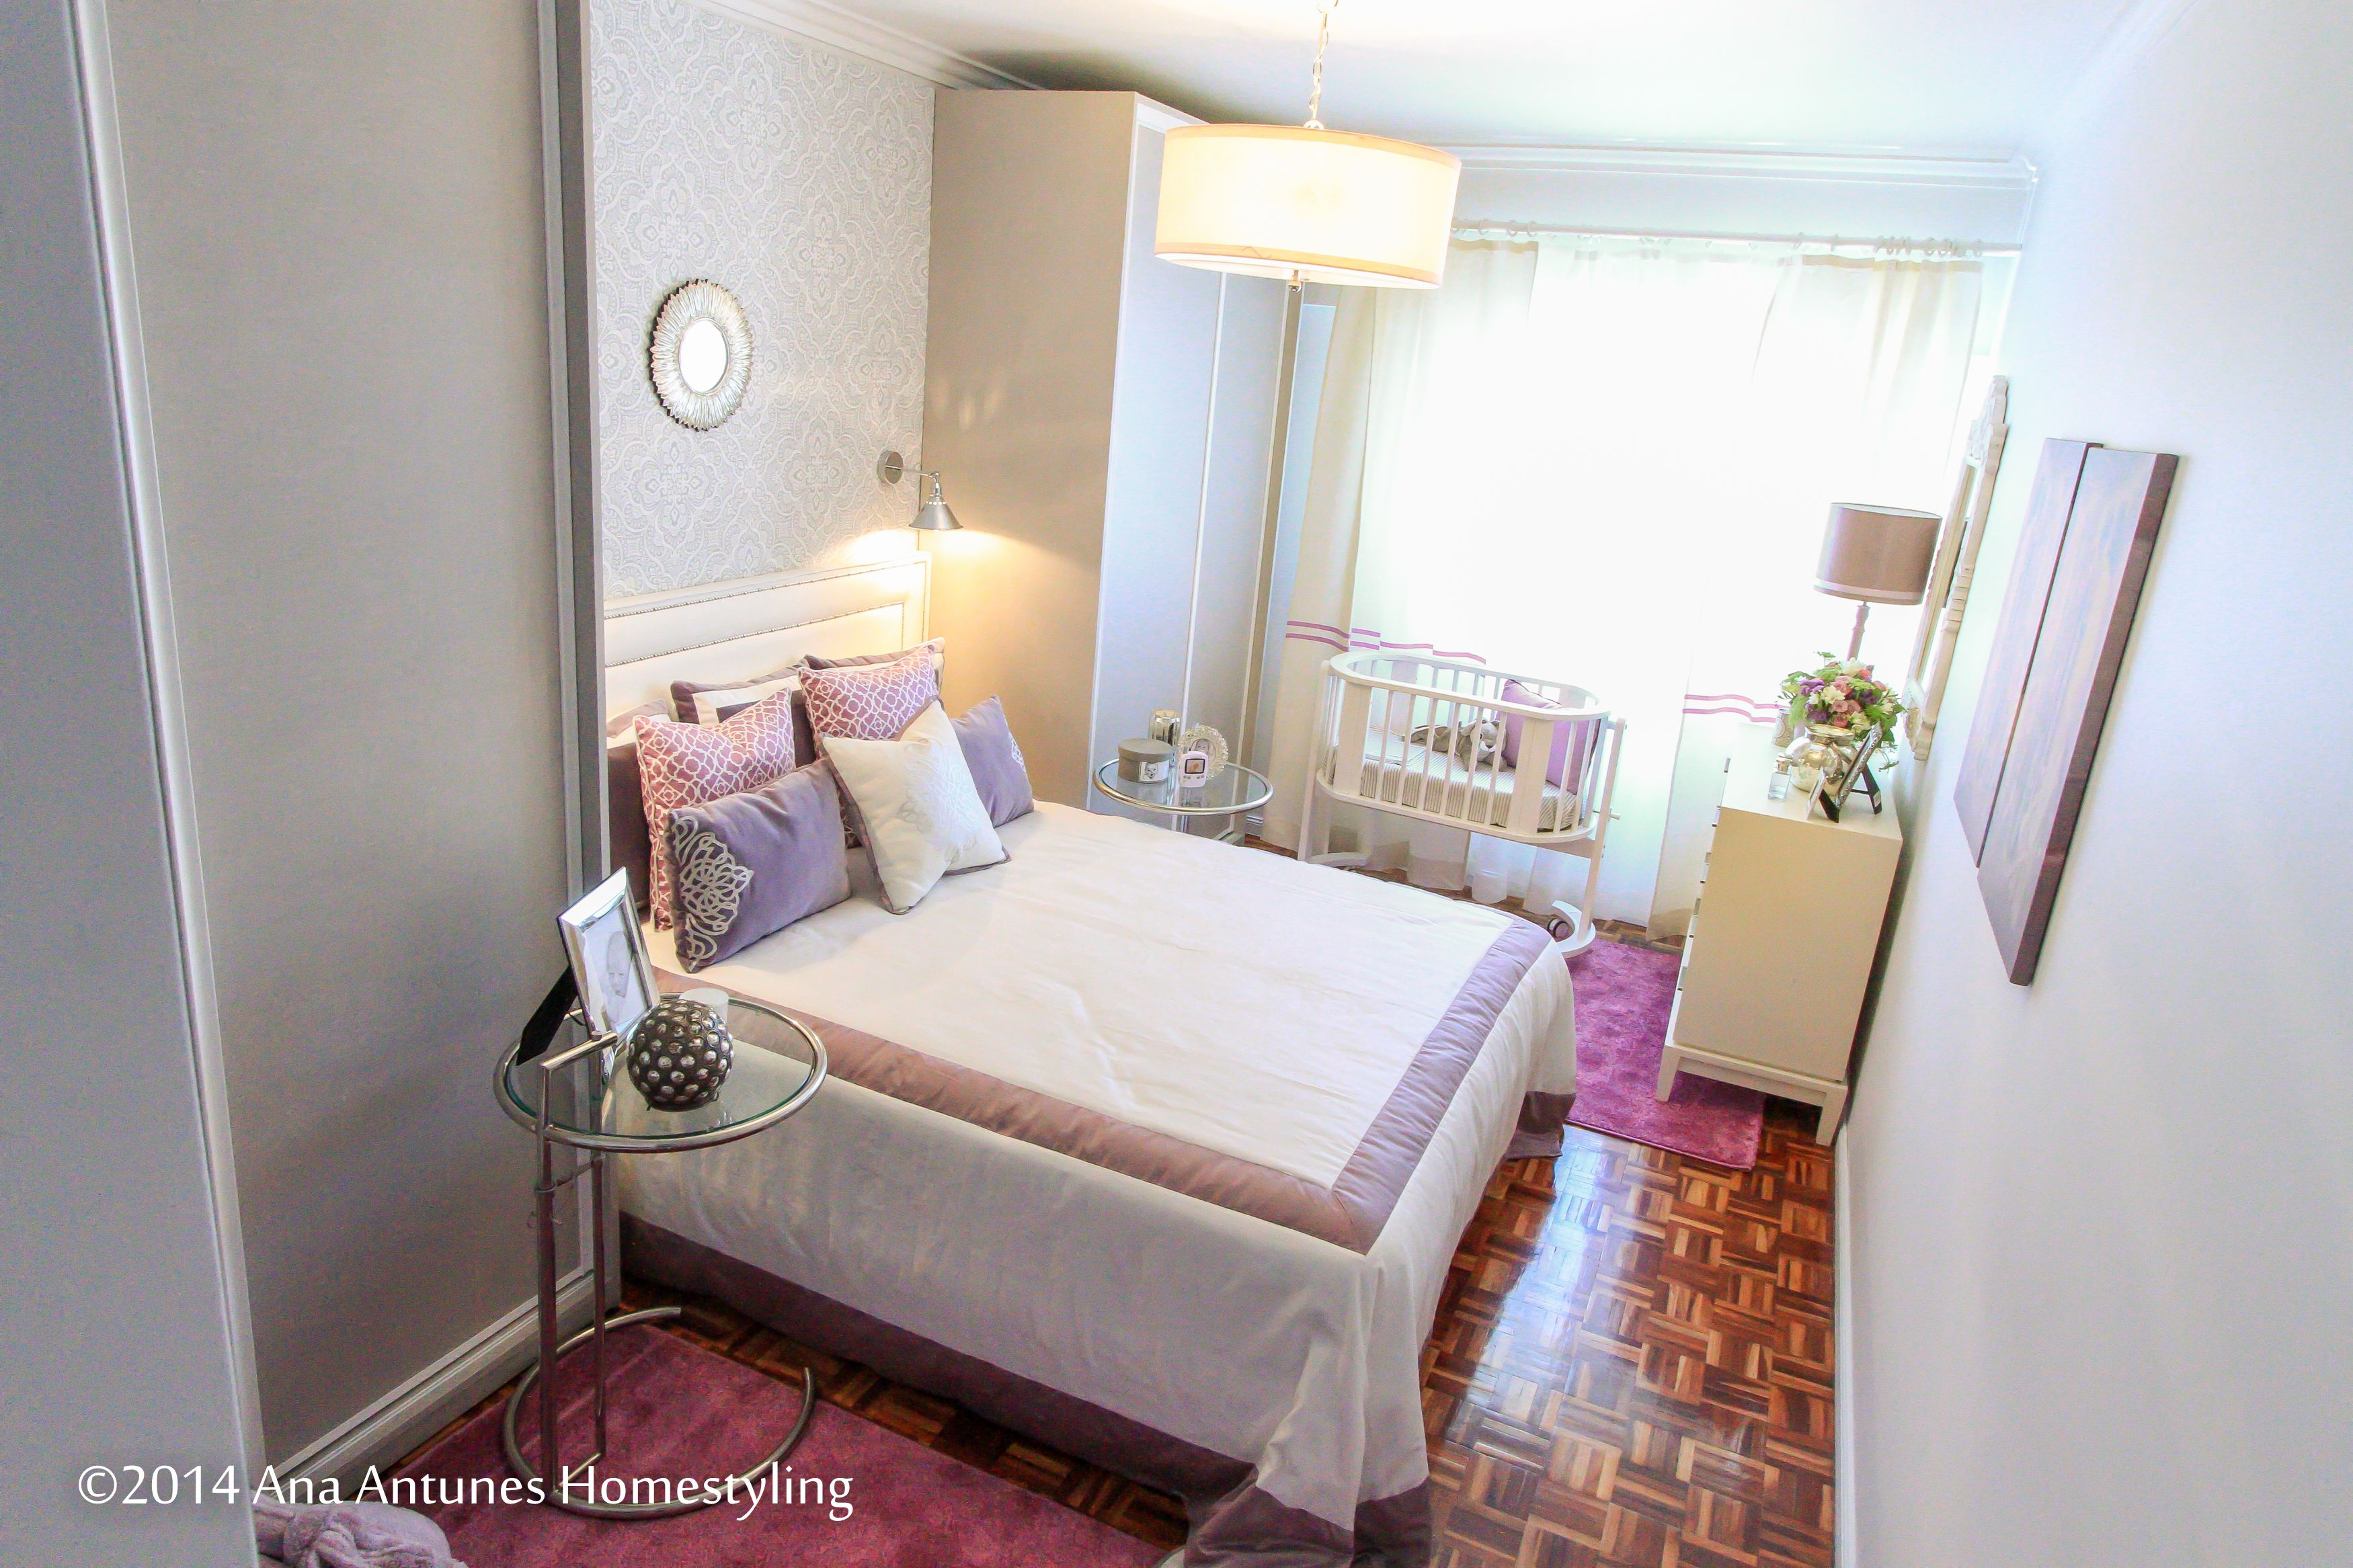 Ana Antunes Quarto Bedroom Cama De Casal Double Bed  ~ Tapete Quarto Pequeno E Quarto Com Cama Elevada